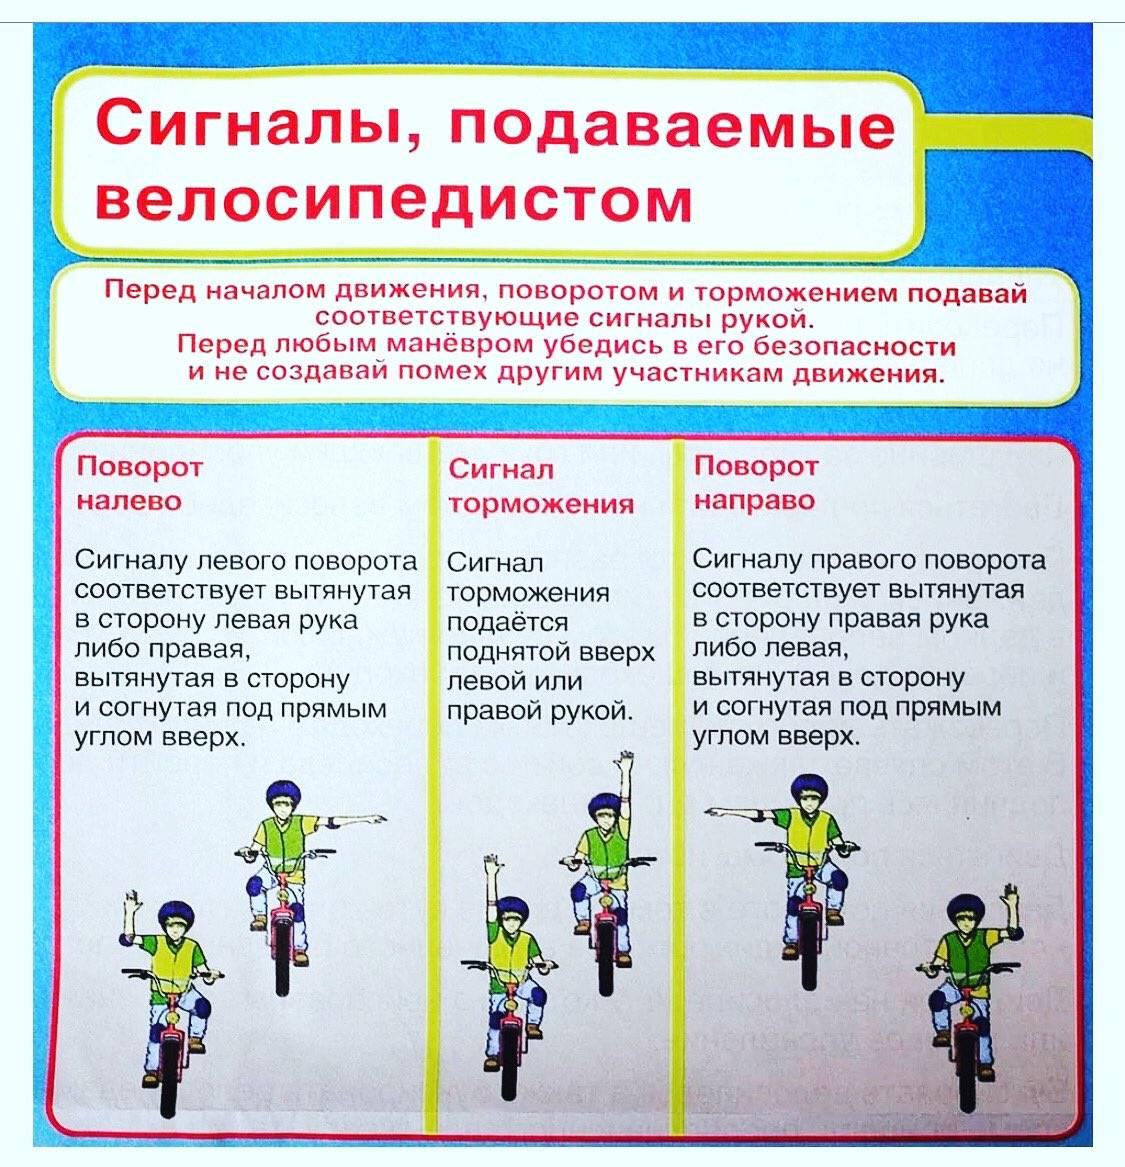 Как выбрать и купить автомобиль в болгарии в 2021 году